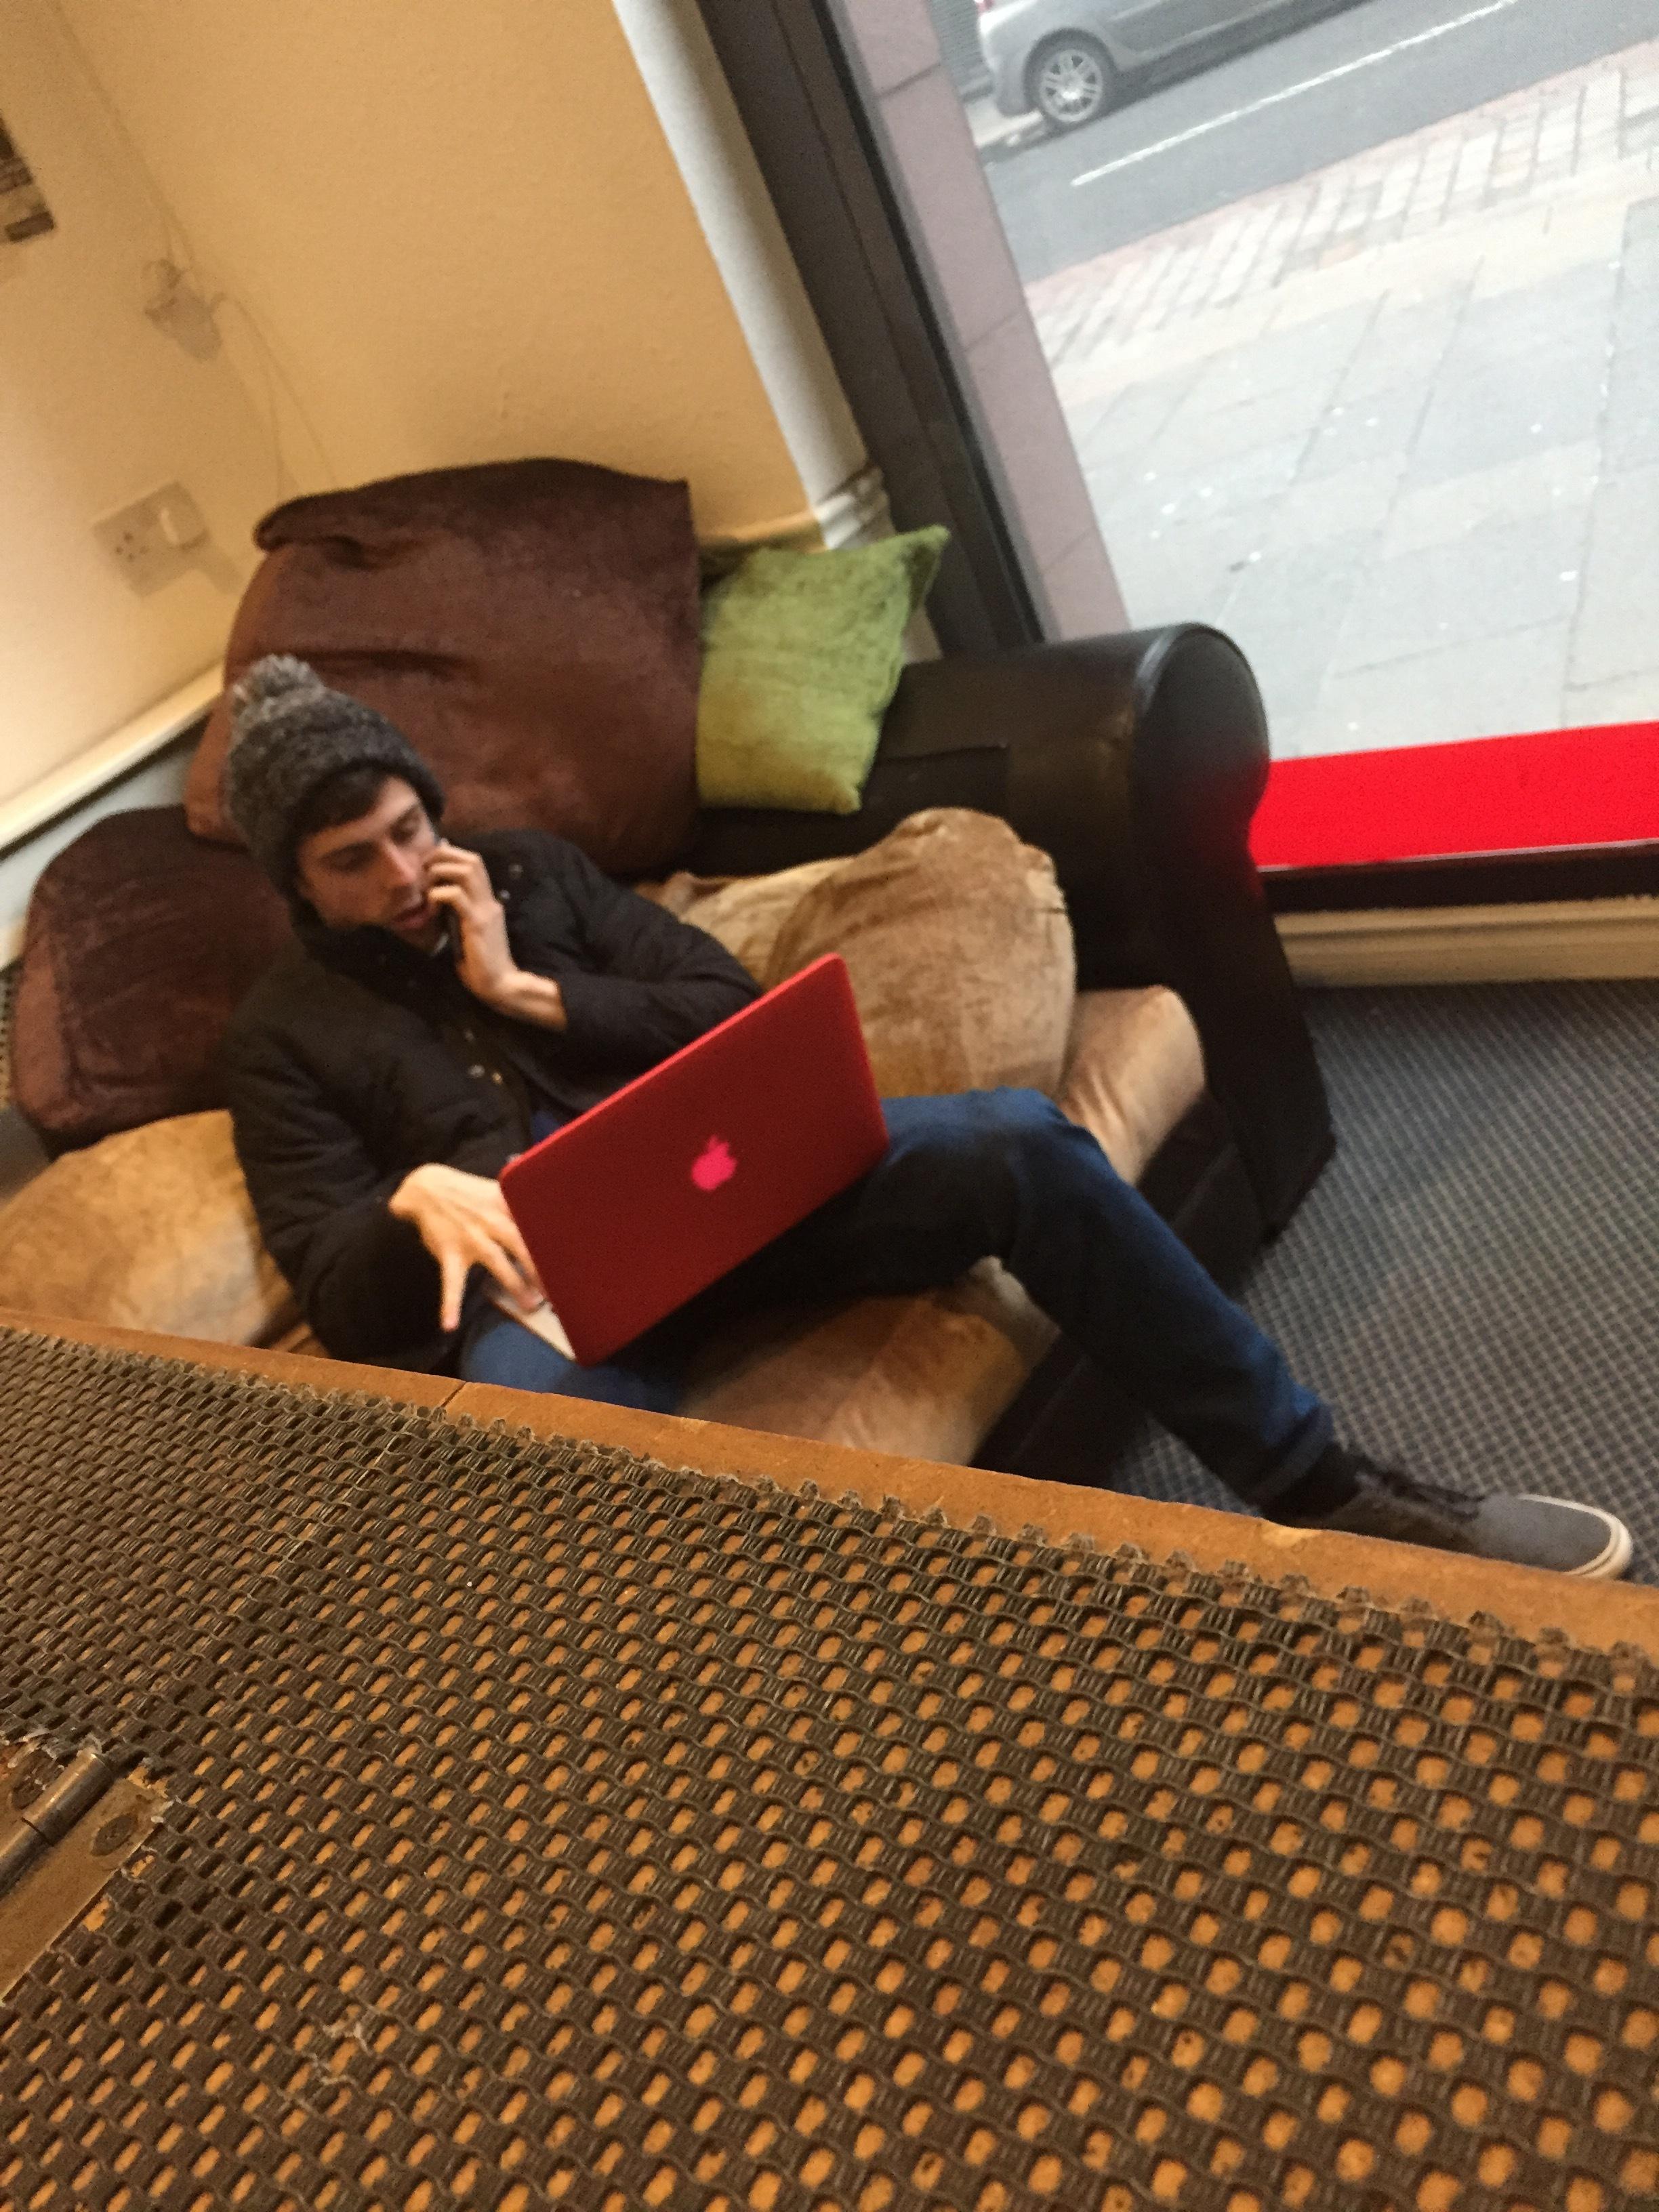 Andrew jnr pretending to work